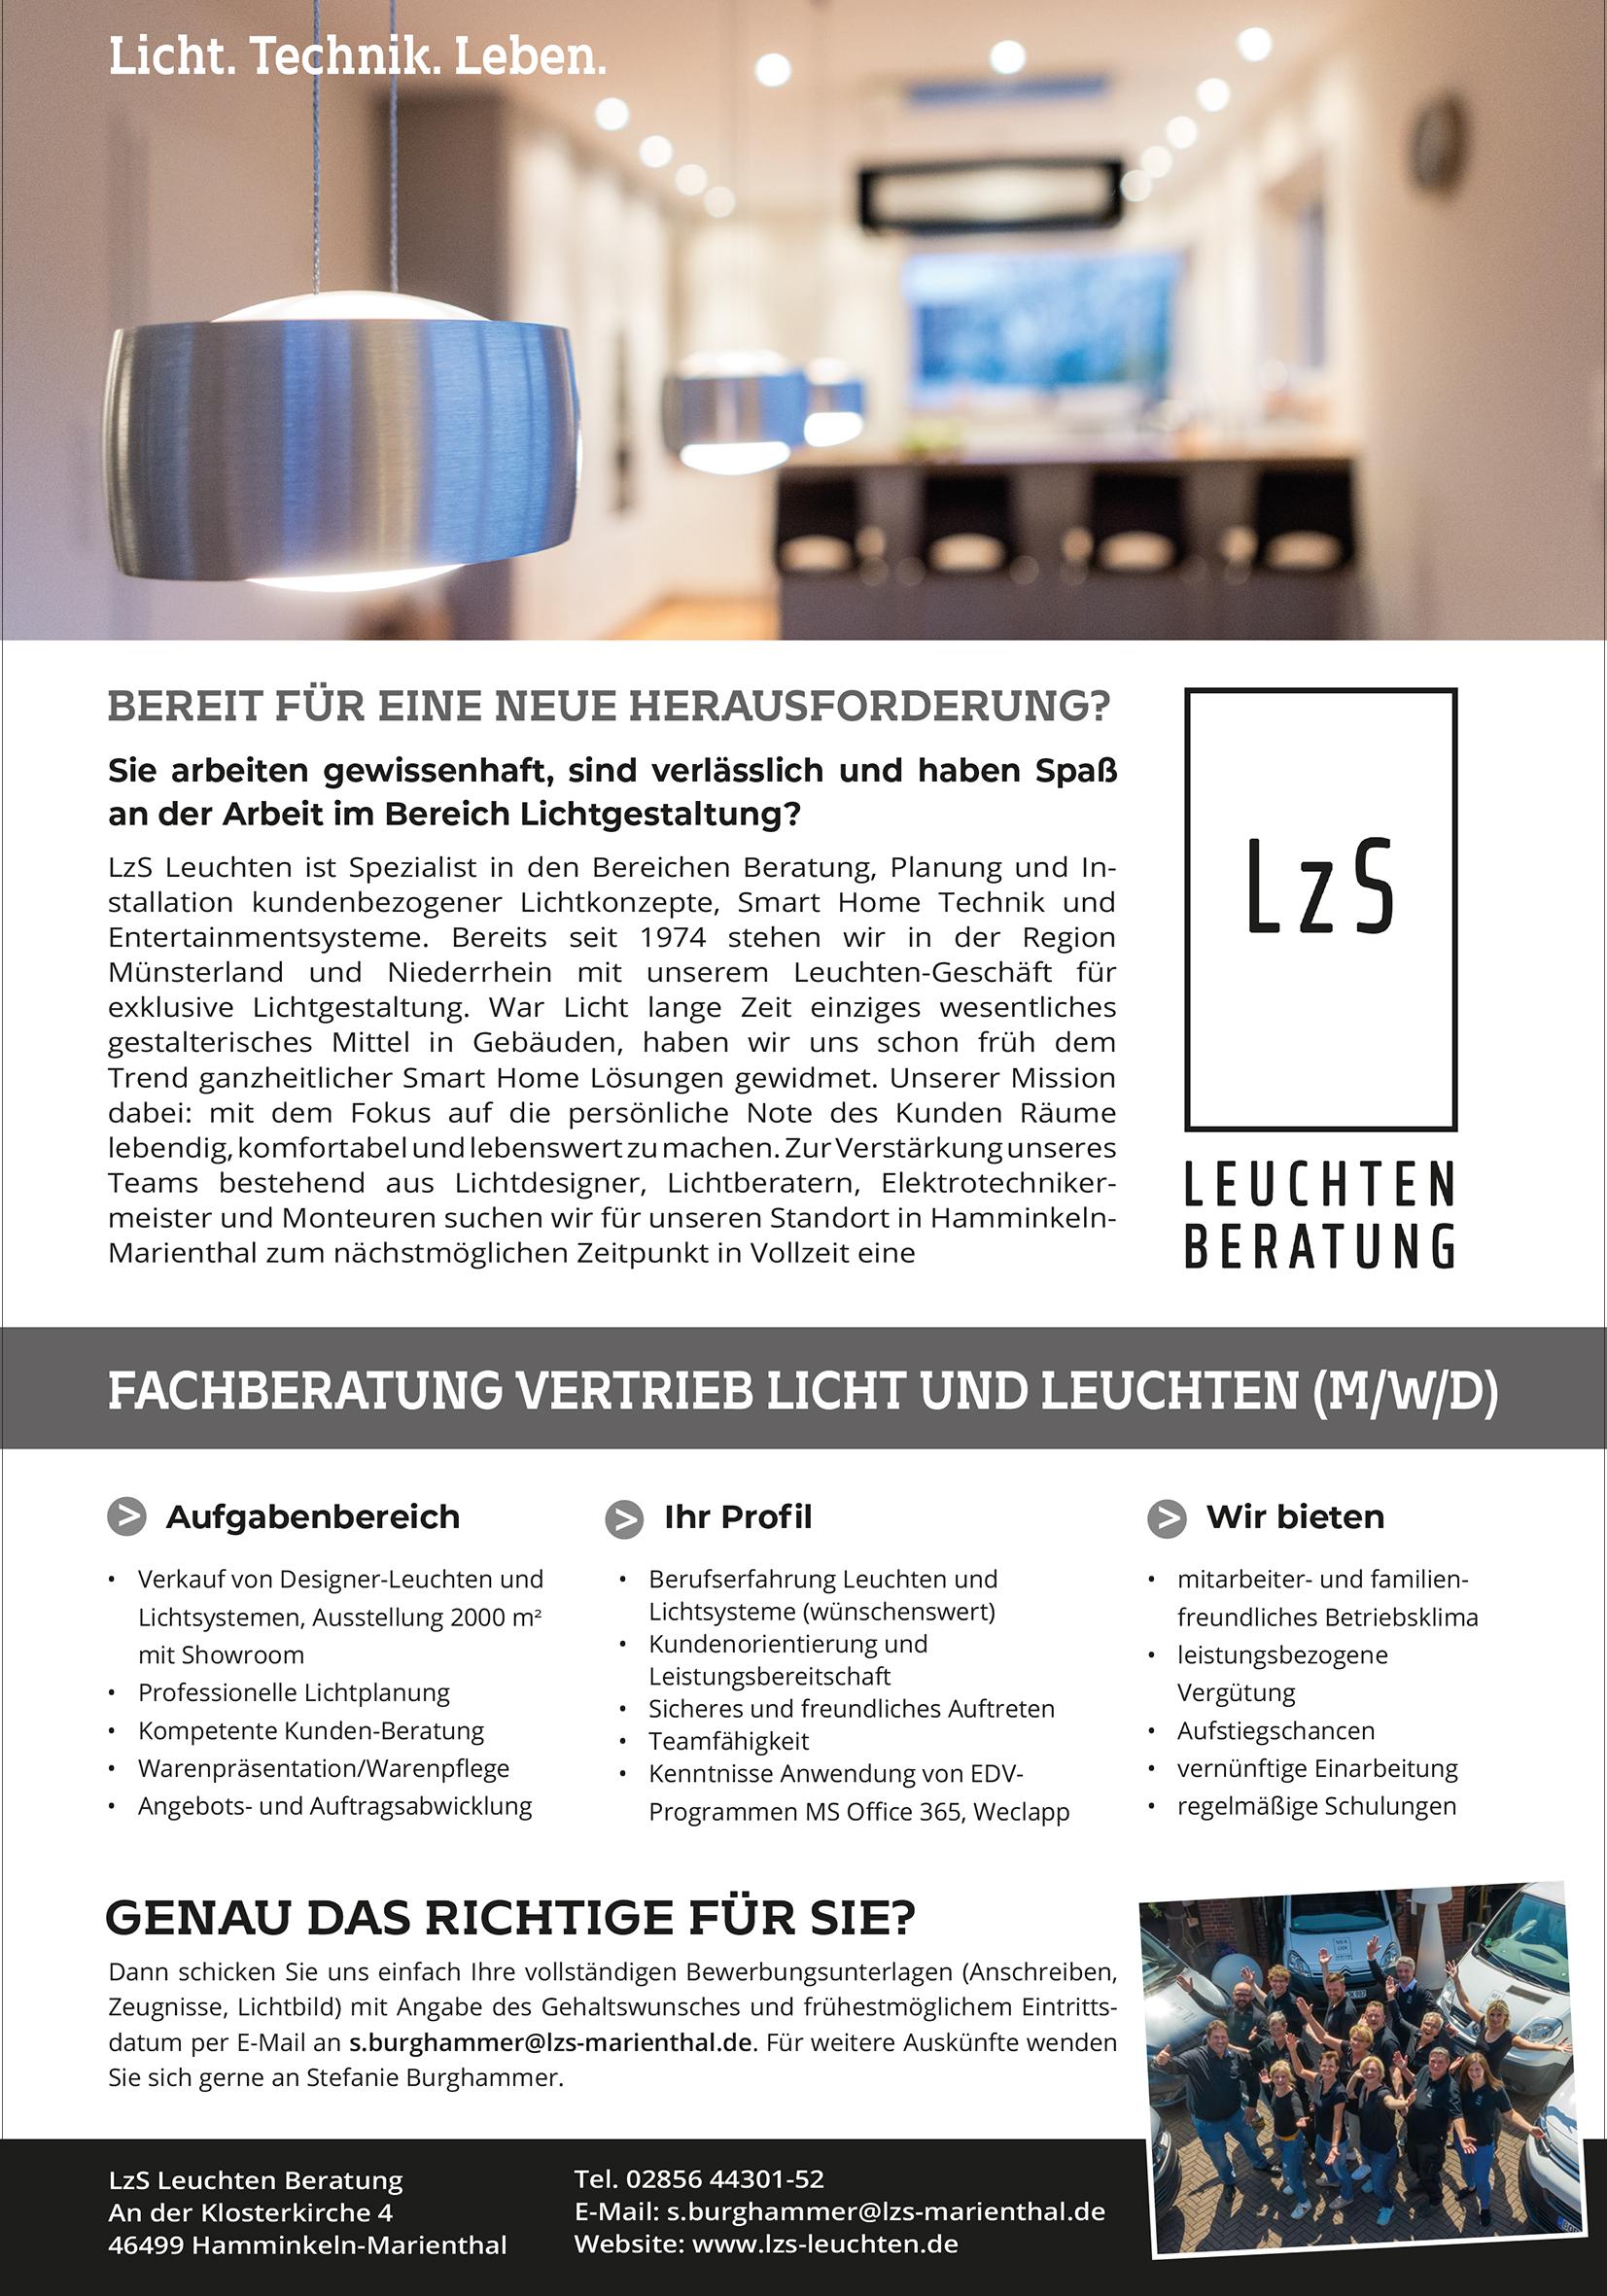 Fachberatung Vertrieb Licht und Leuchten